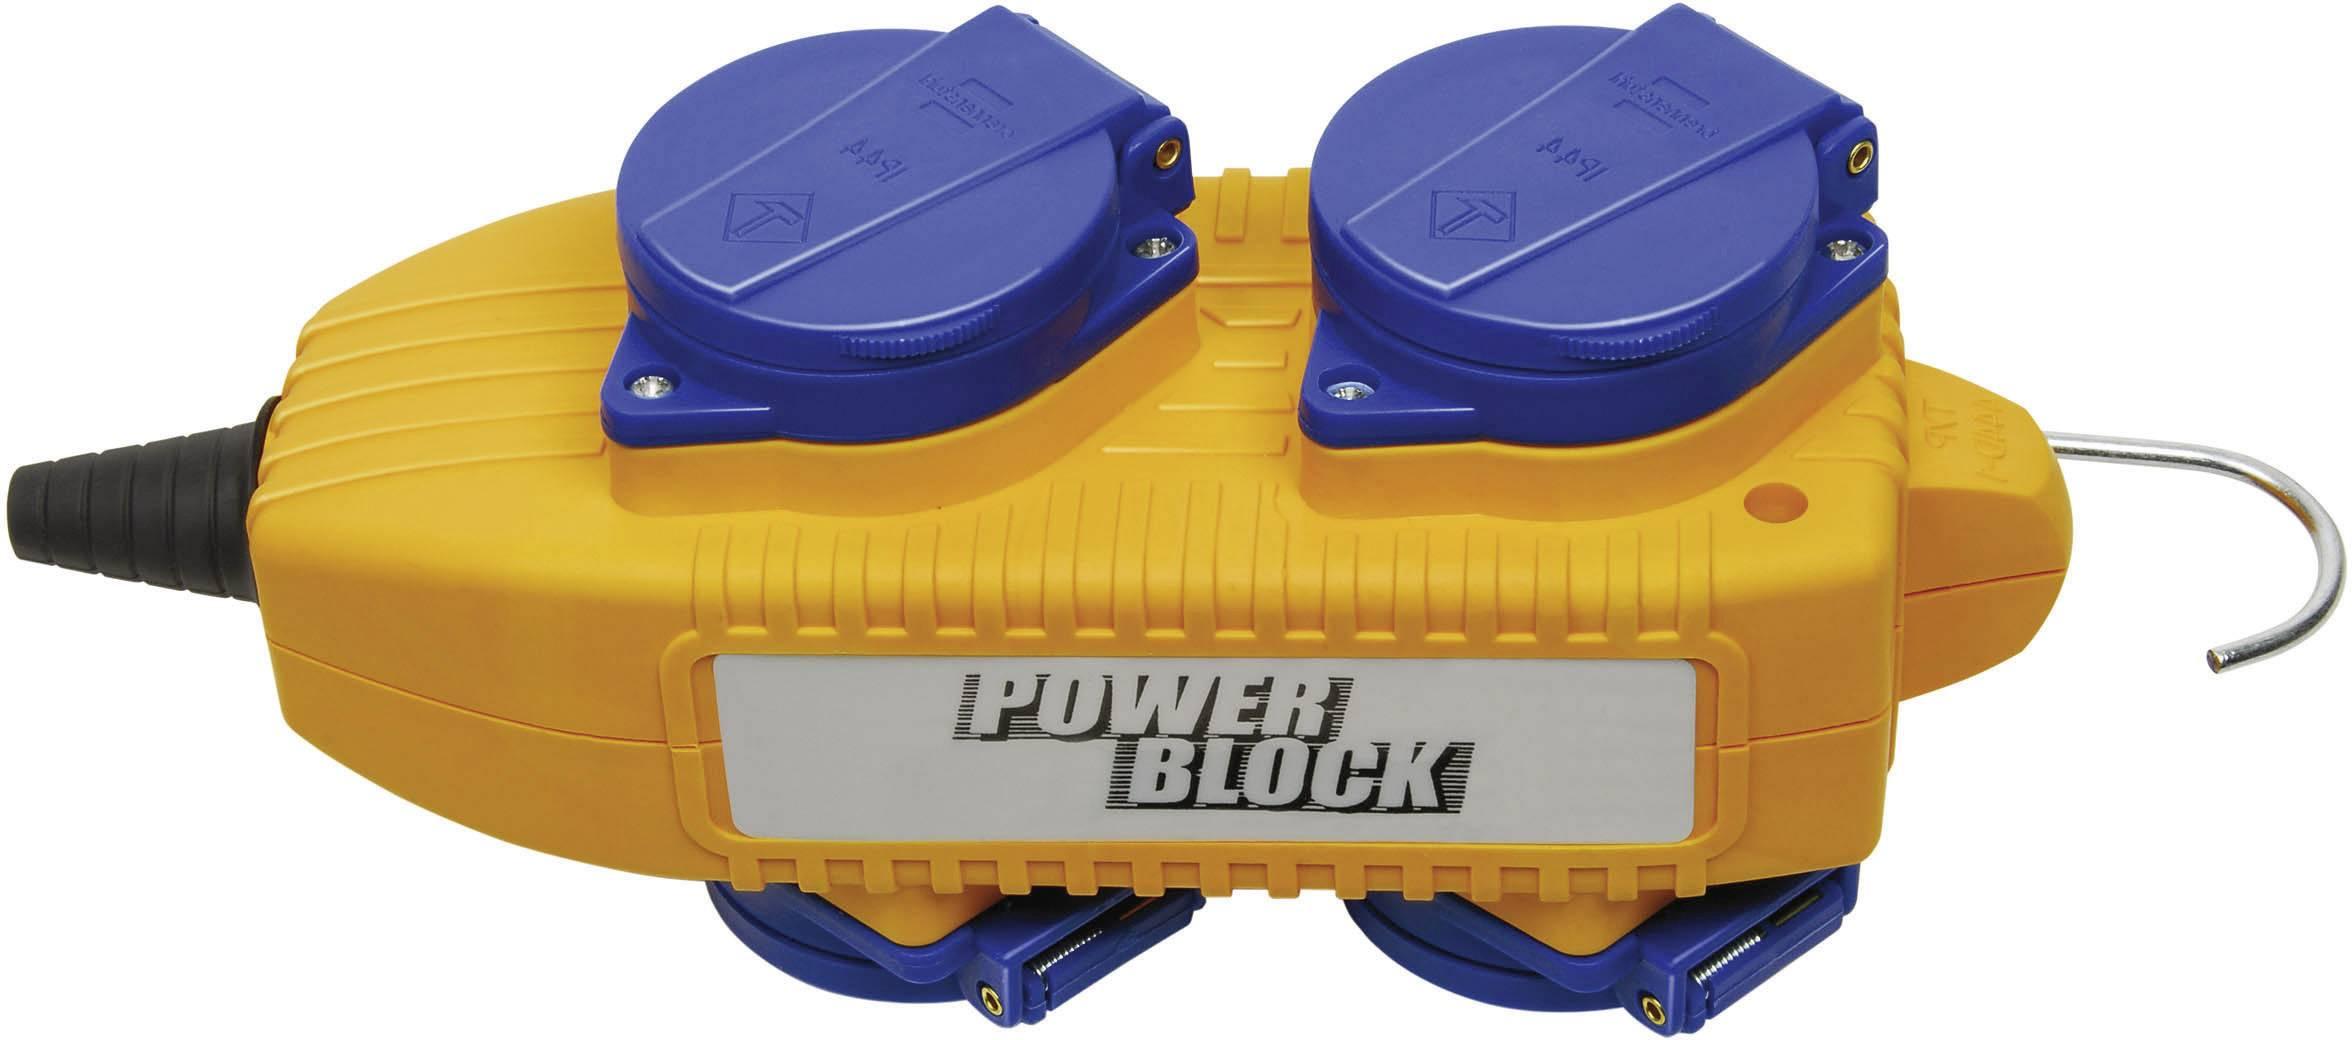 Zásuvková lišta, počet zásuviek 4 Brennenstuhl Powerblock 230V/16A IP44 1081070, IP44, žltá, modrá